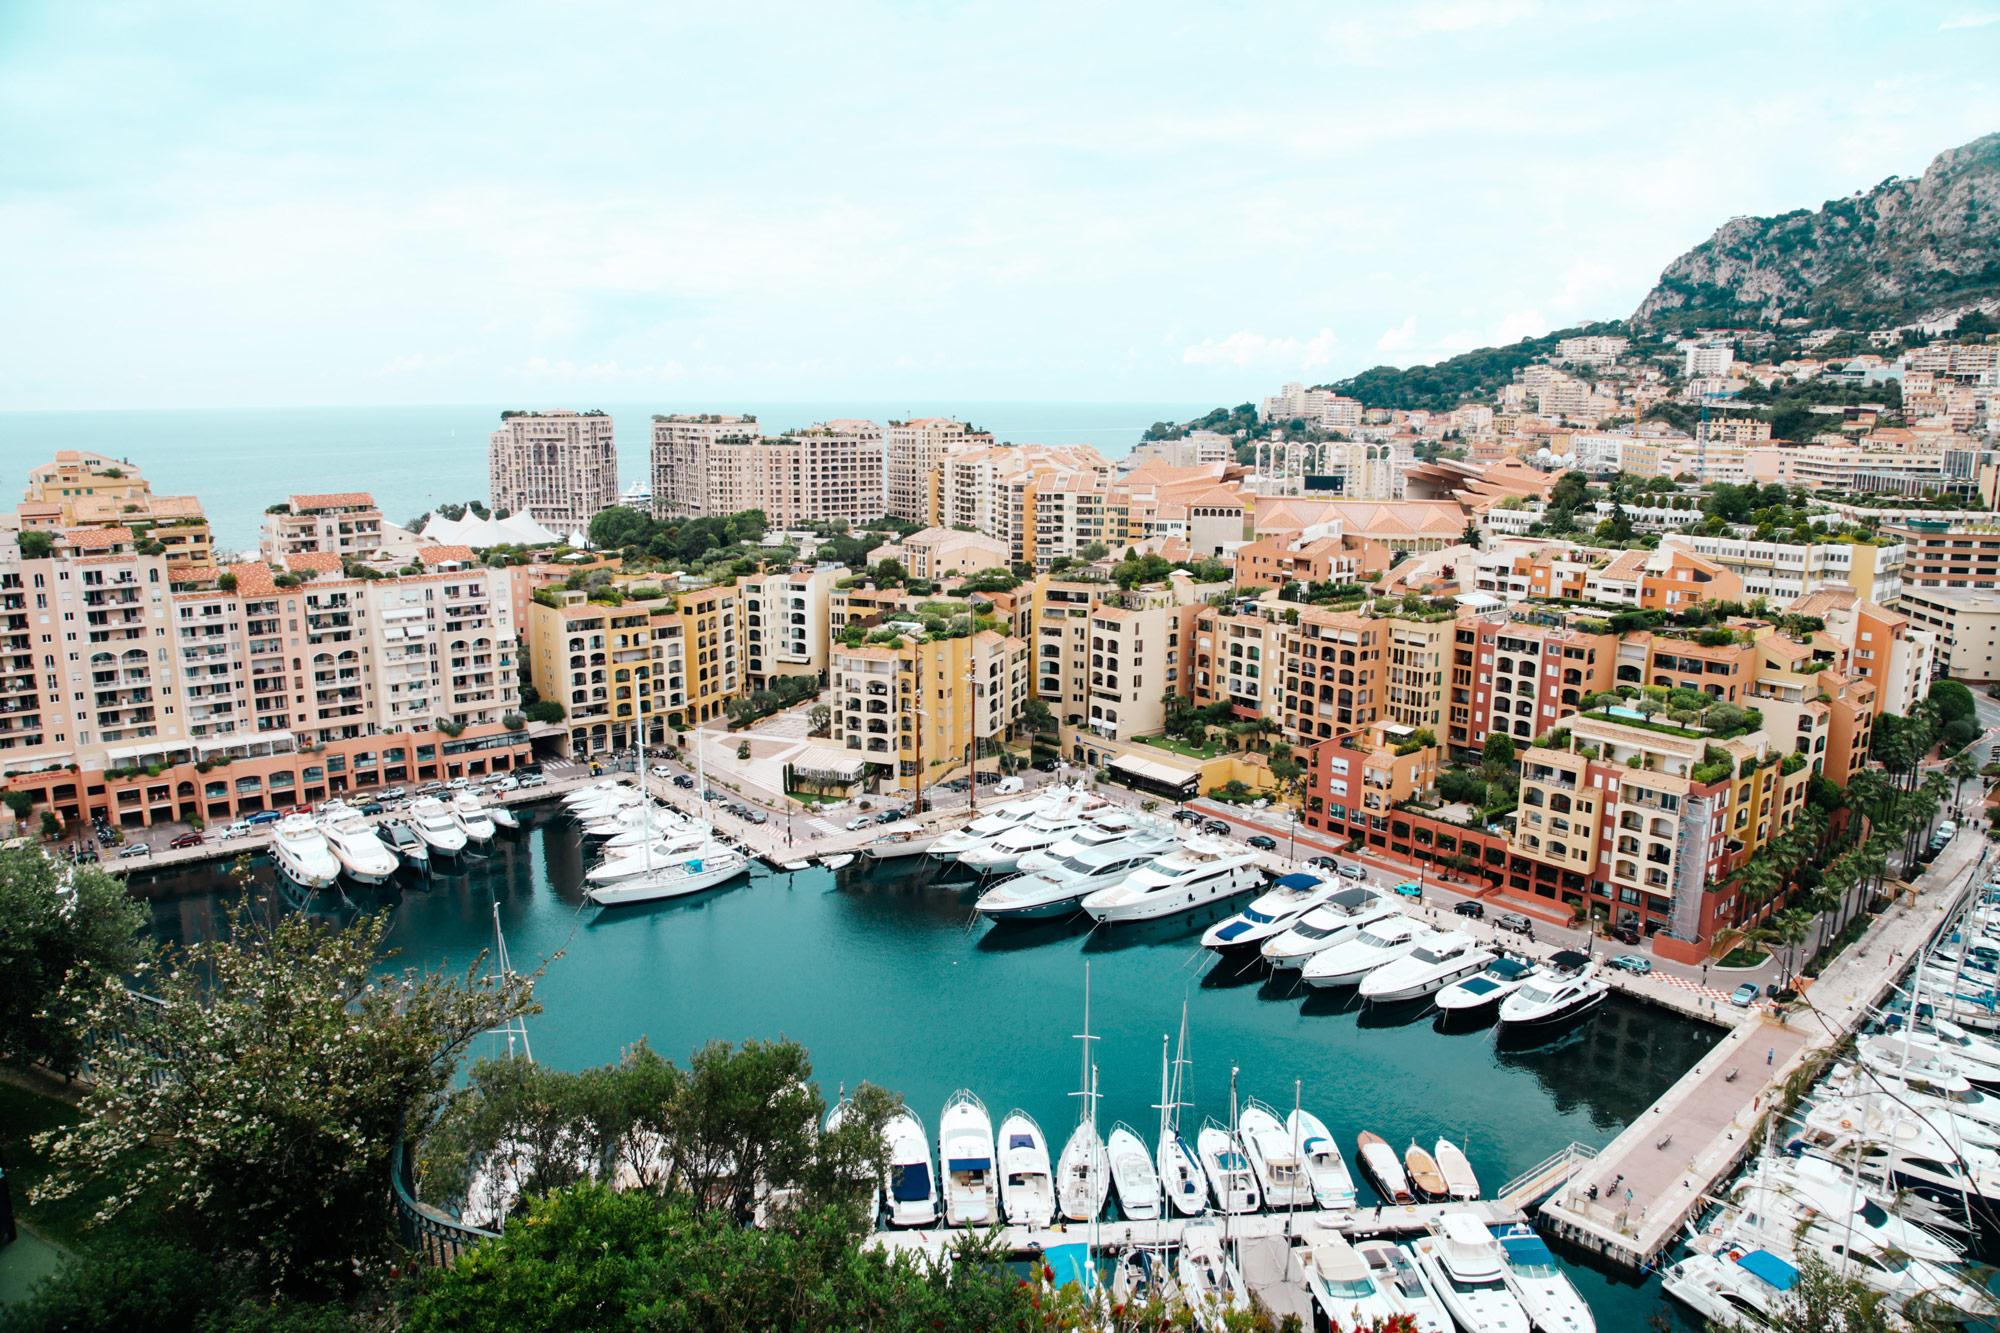 Vente de place de port - Azur Boat